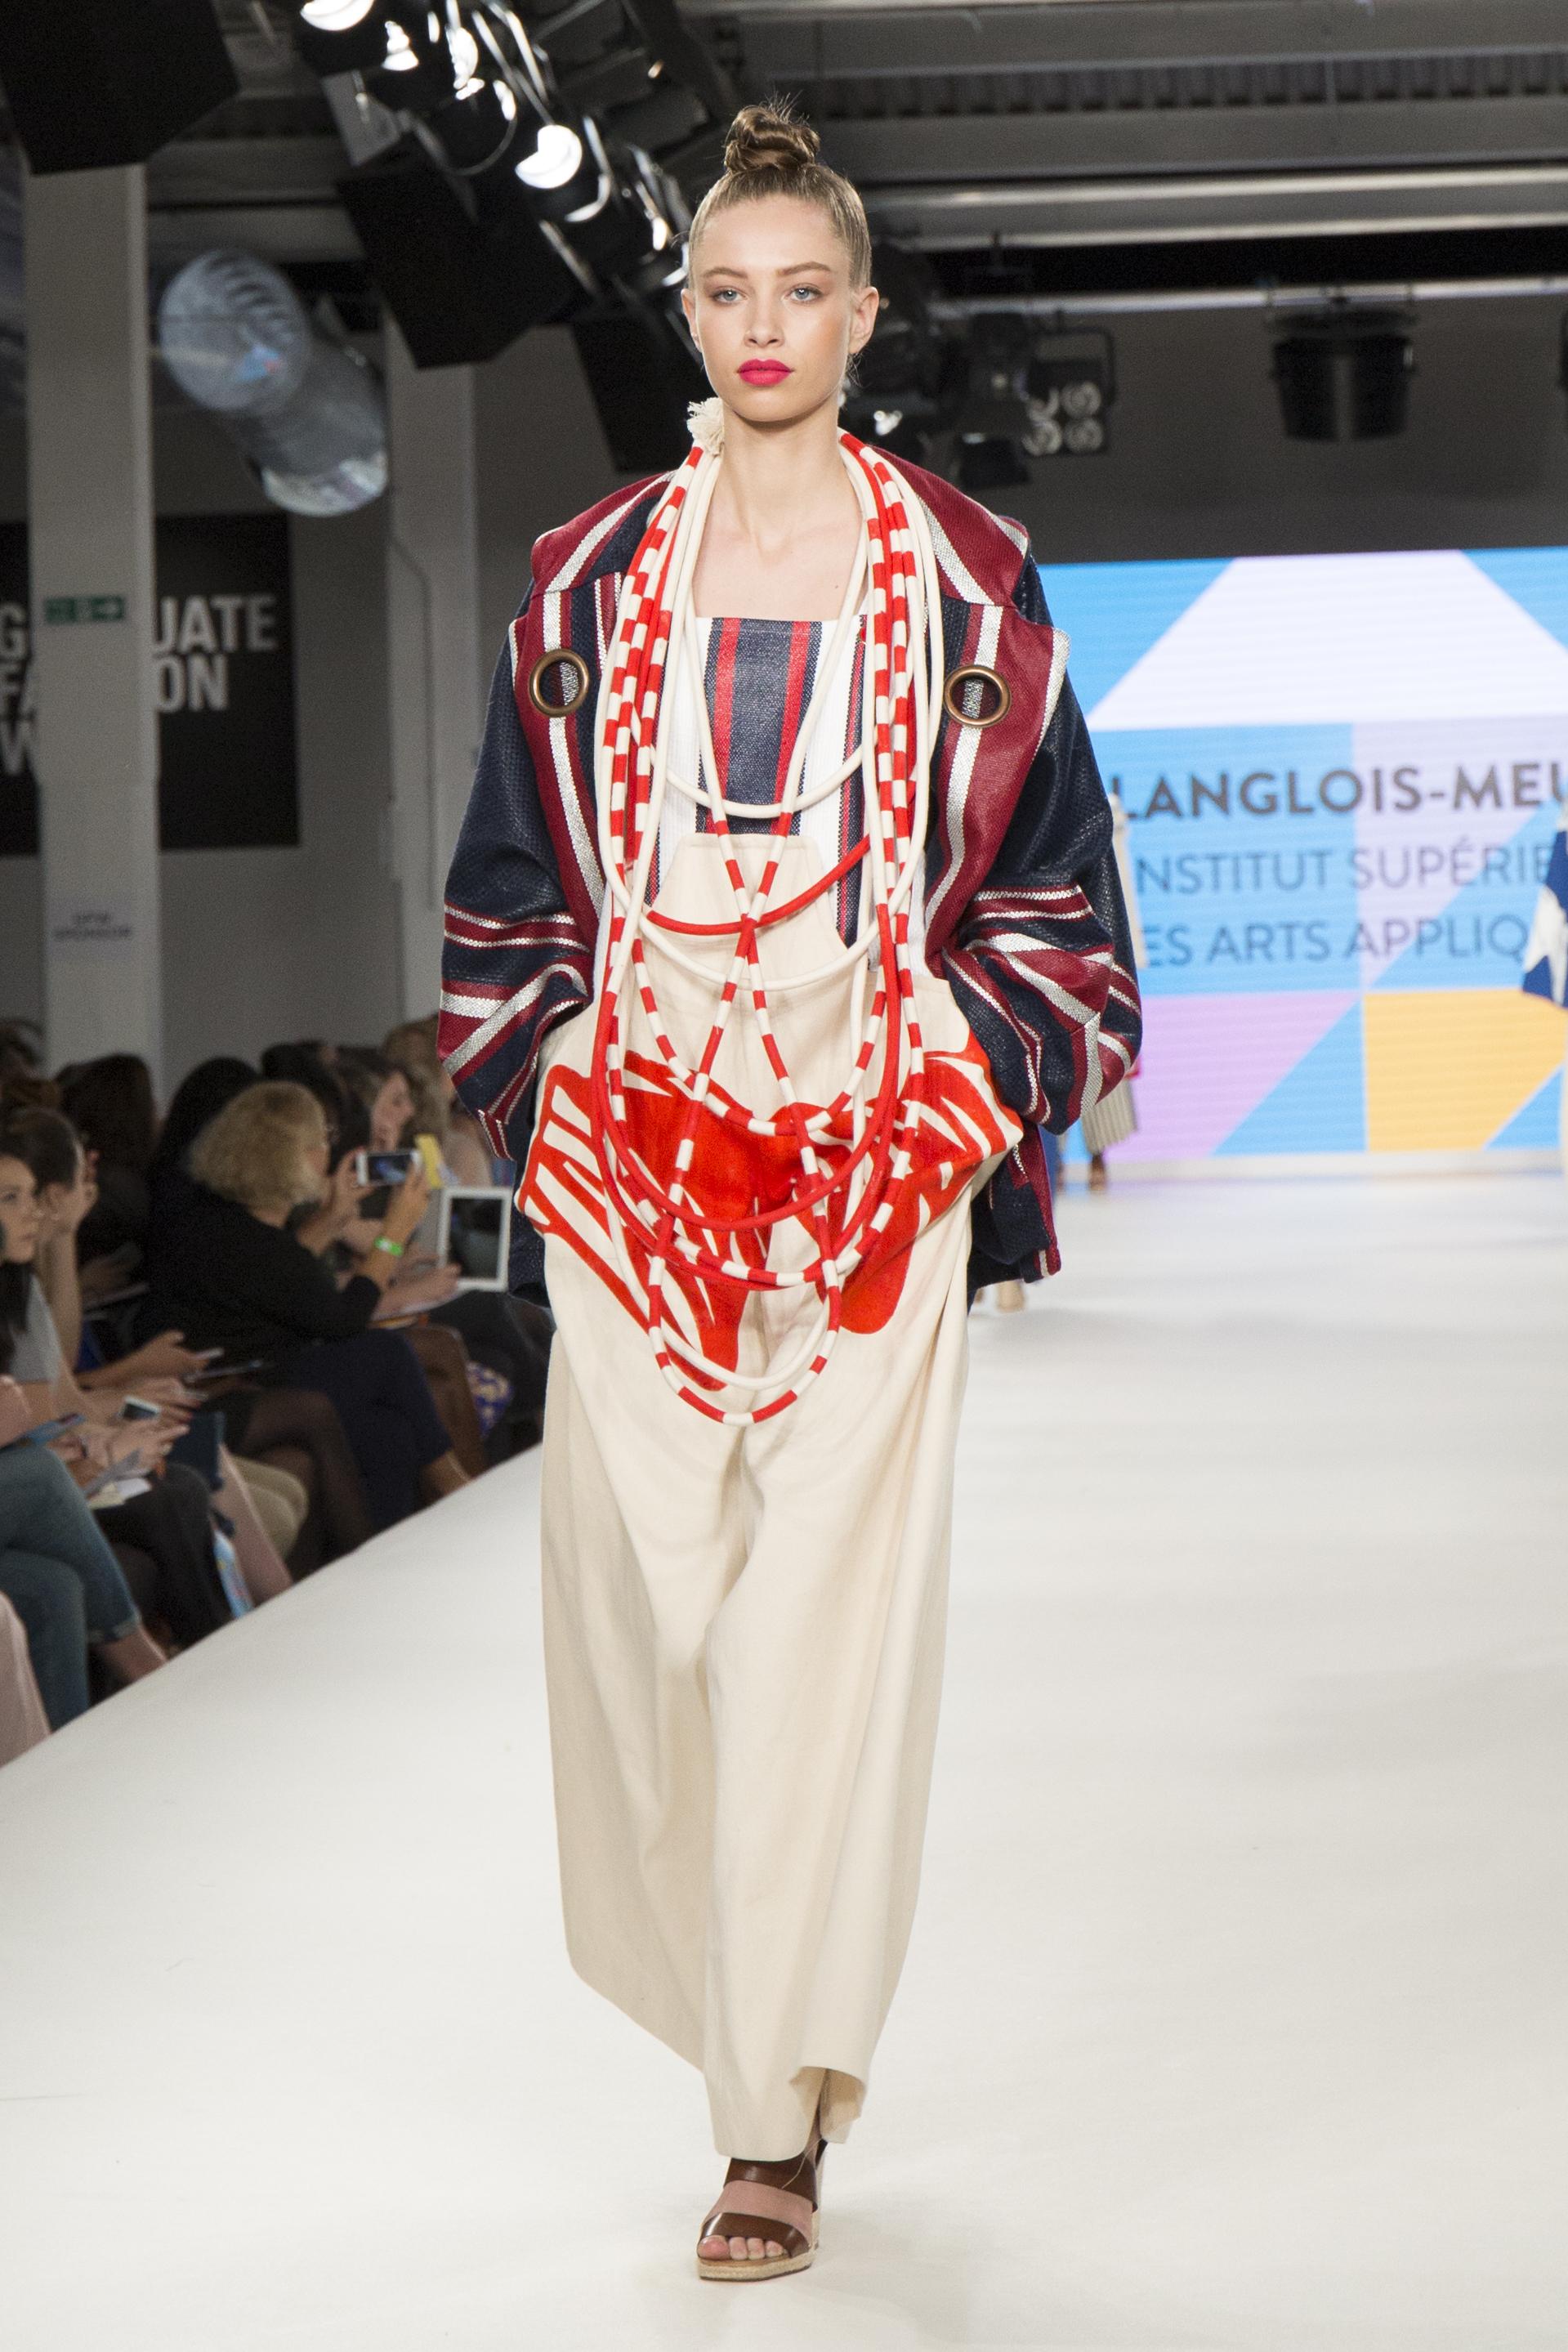 Aude Langlois-Meurinne_InternationalShow_LaurenMustoe-6.jpg